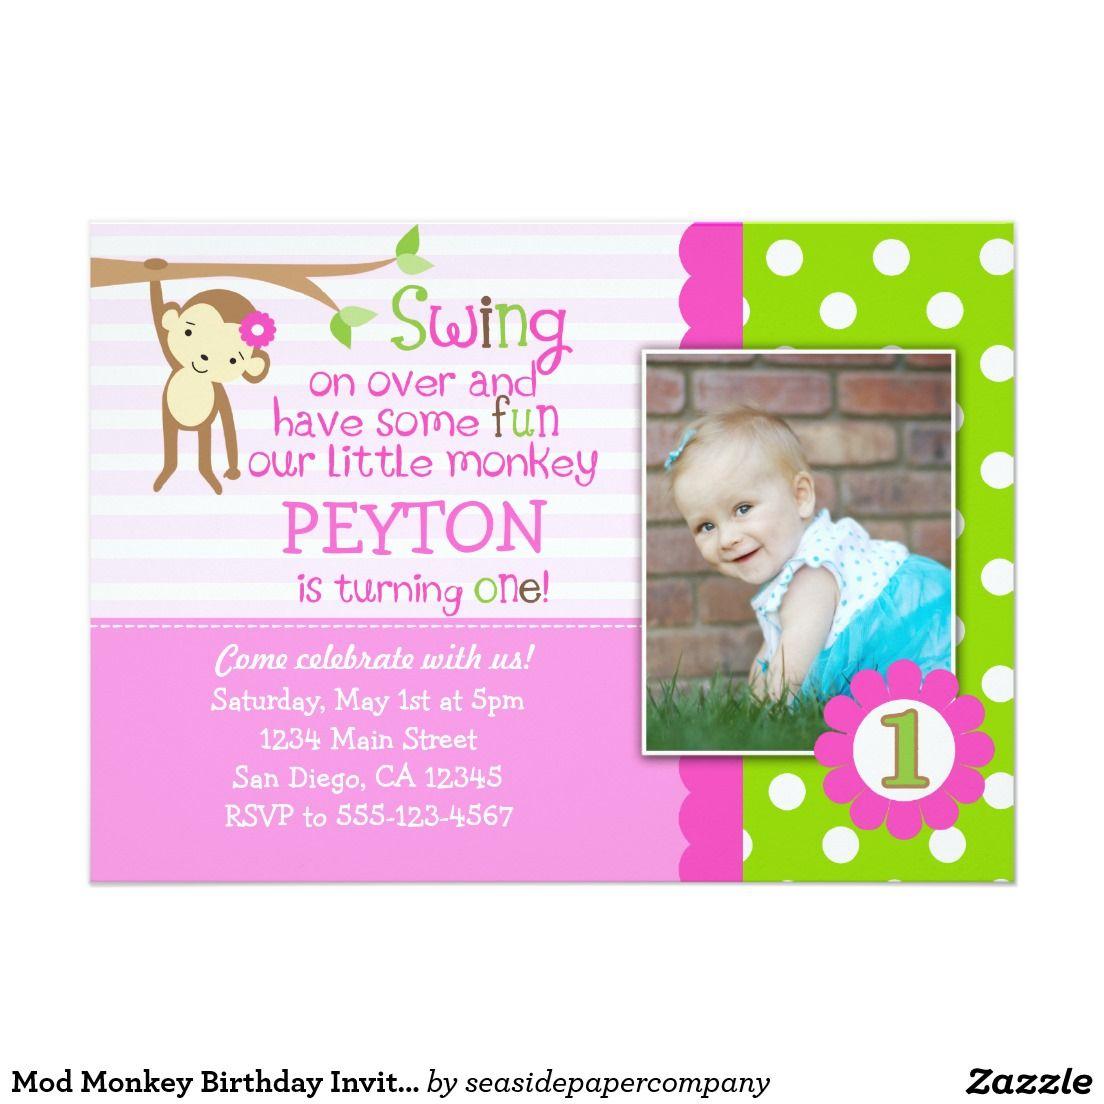 Mod Monkey Birthday Invitation For Girls Pink | Mod monkey birthday ...